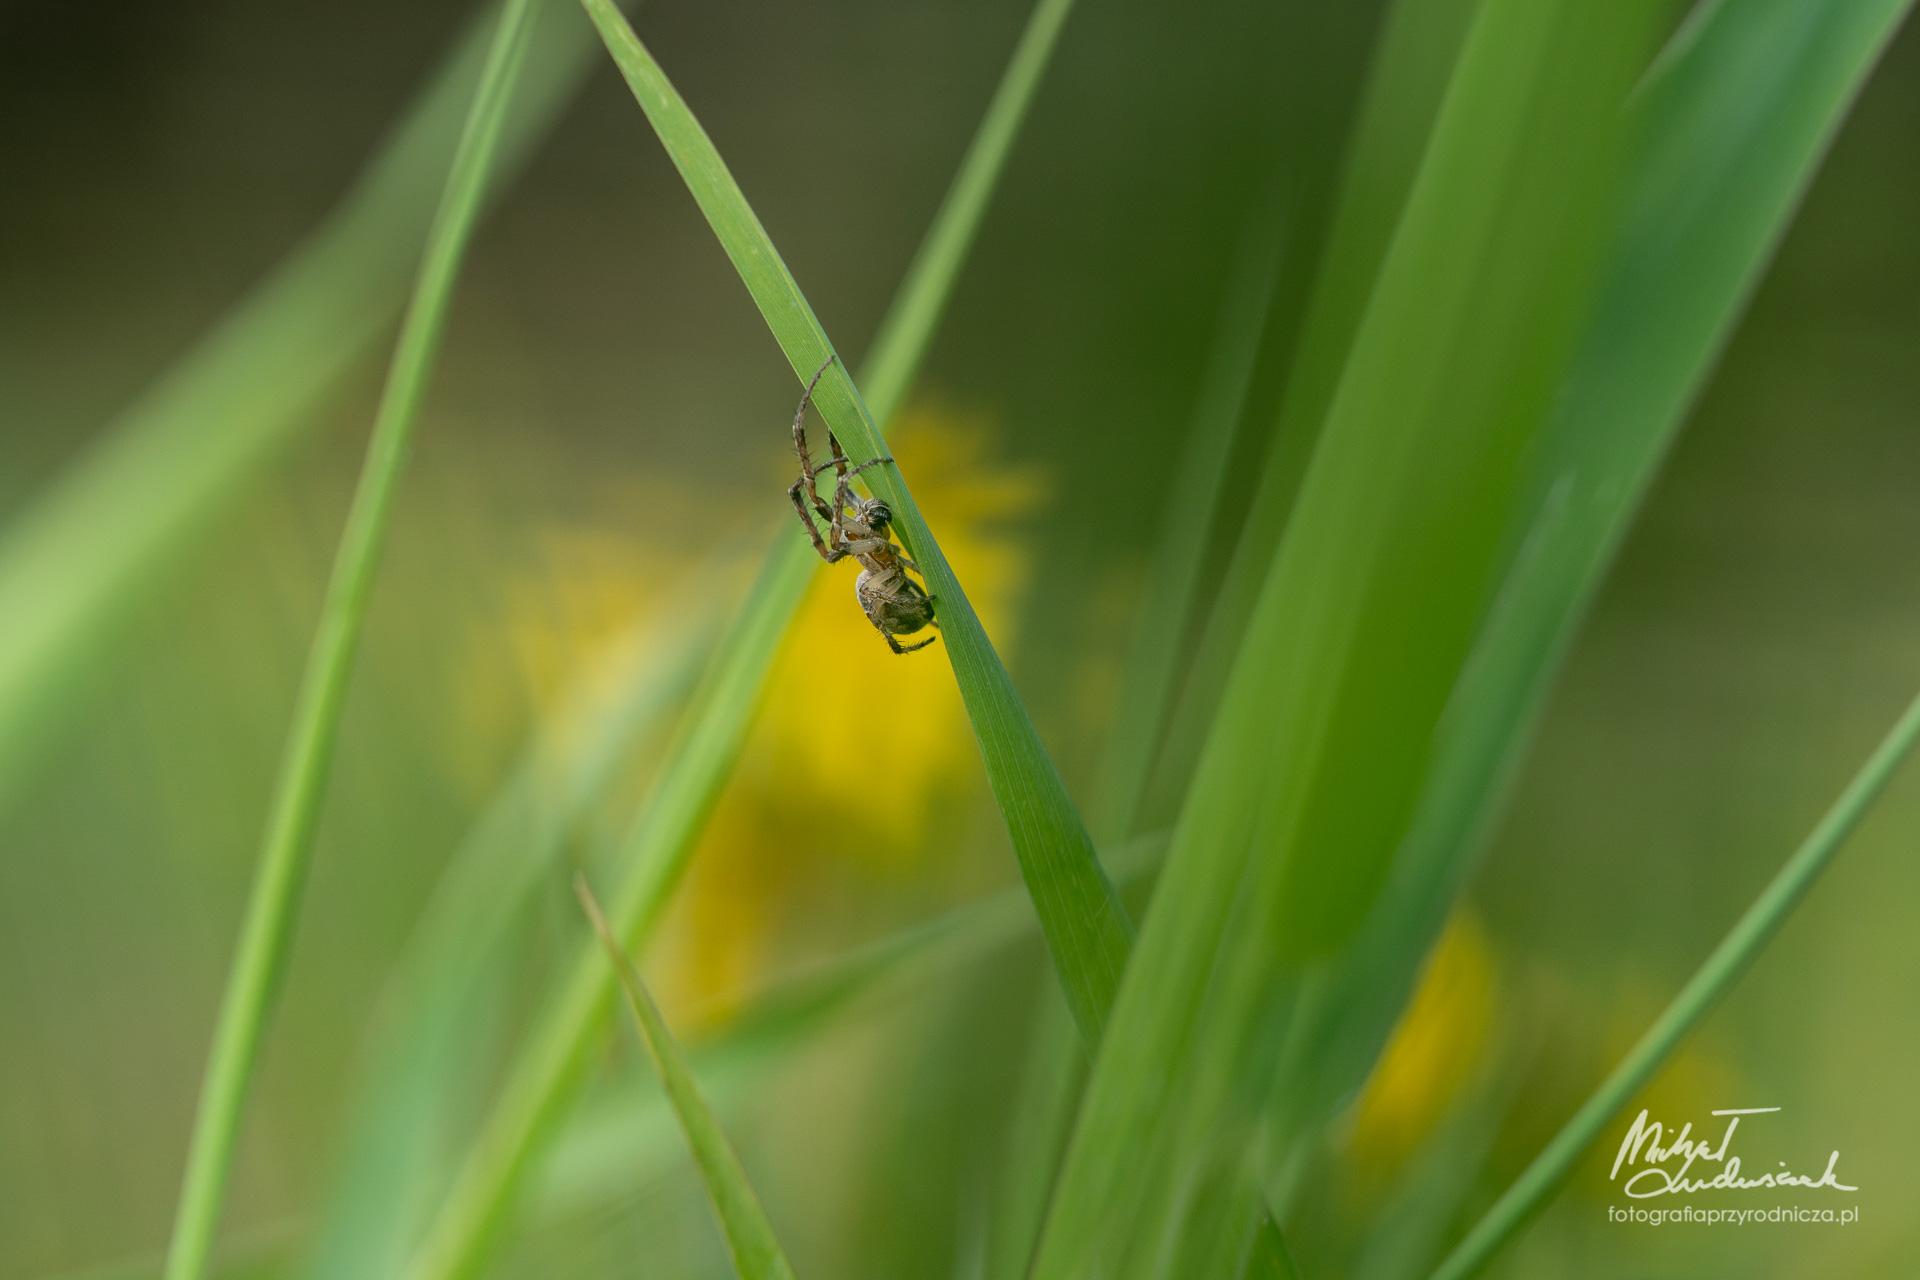 Pośród traw czai się zło